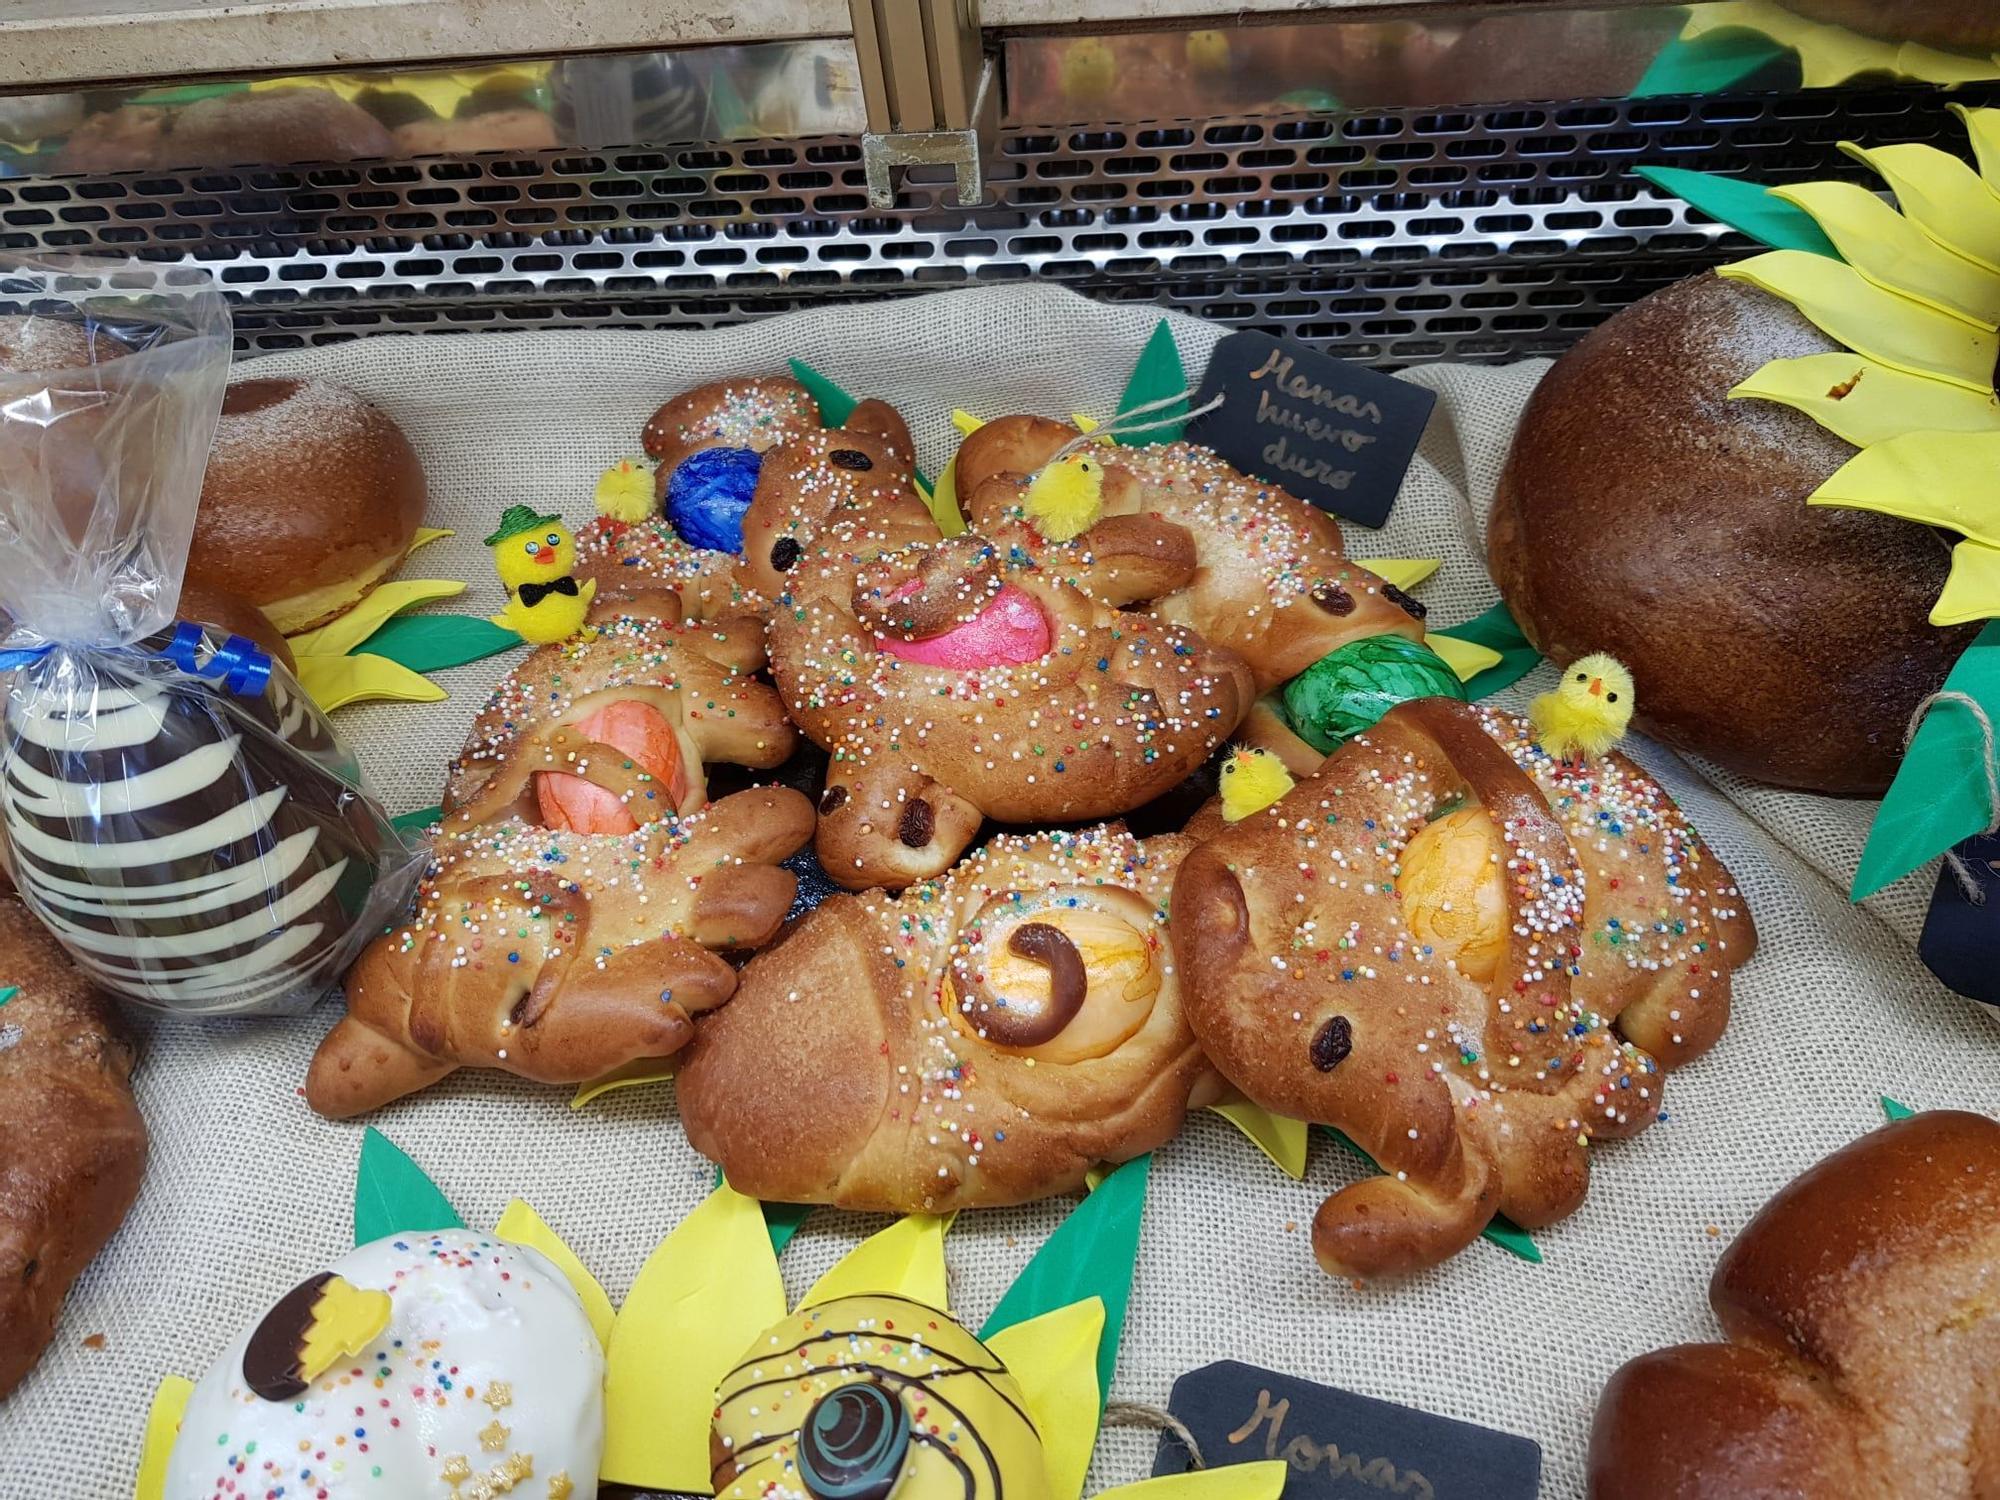 Ganadores del concurso de Dulces de Pascua del Gremio de Panaderos y Pasteleros de València